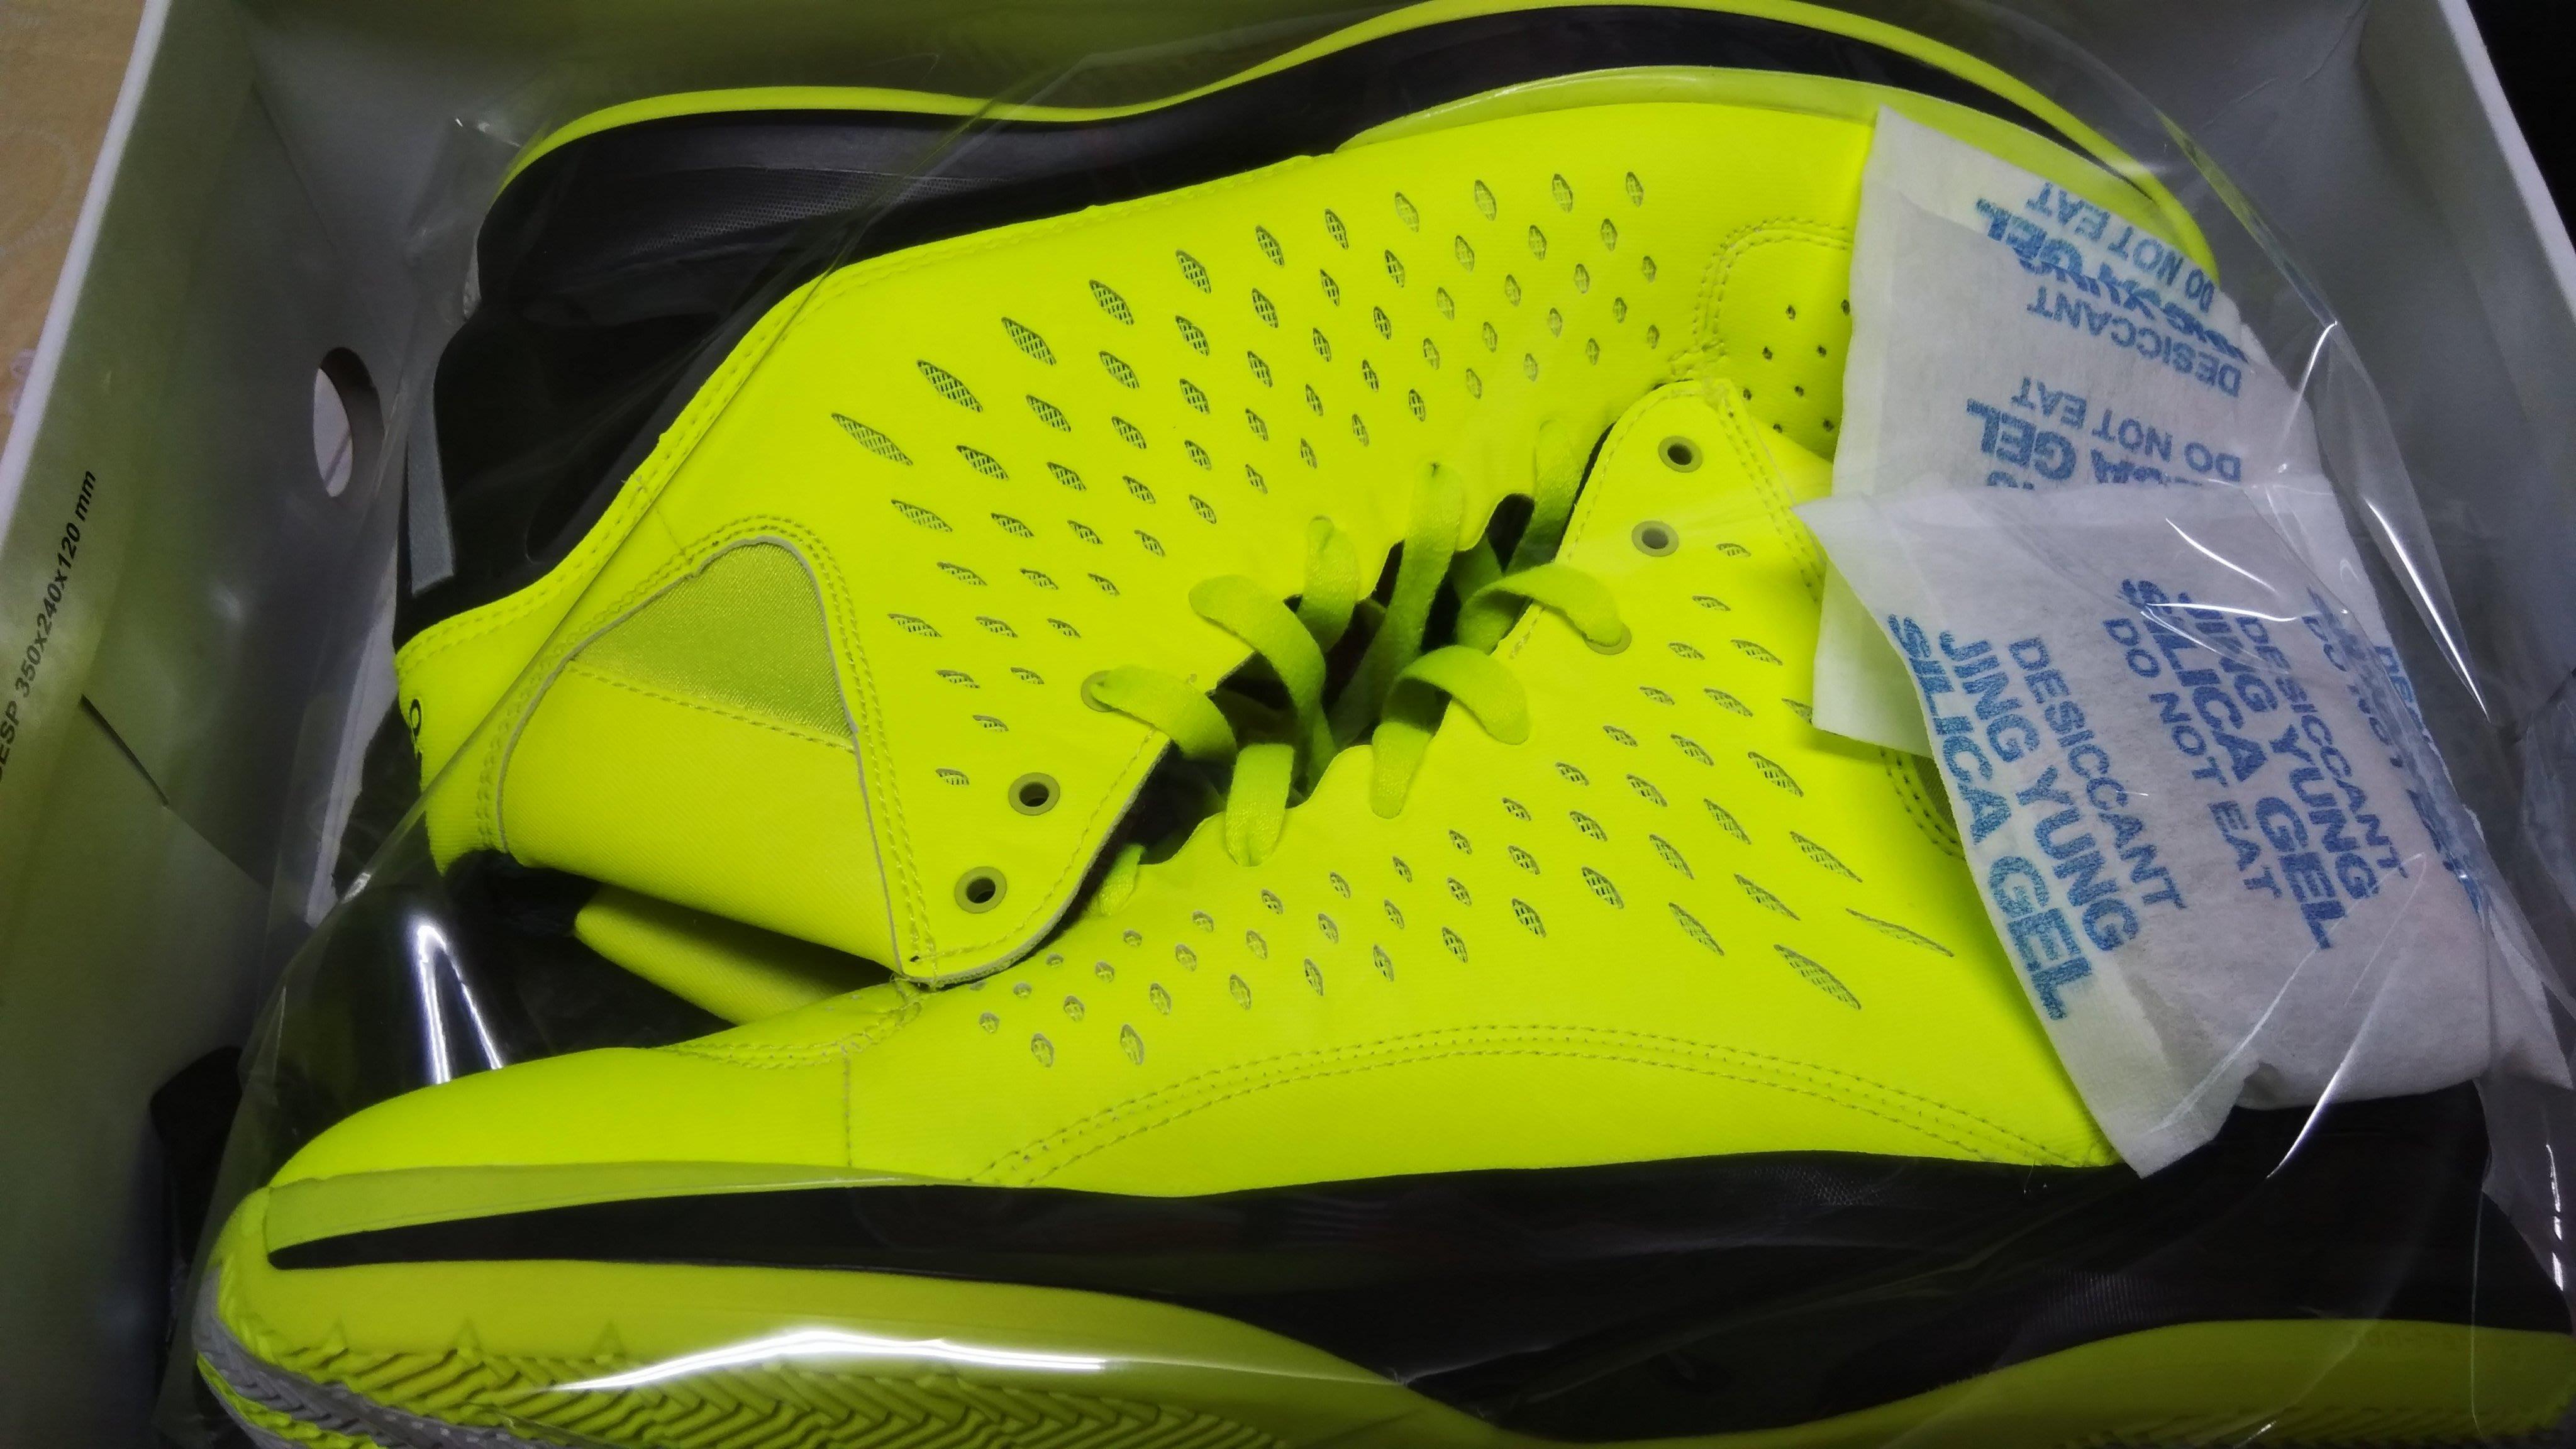 Adidas Derrick D Rose 3 芝加哥紀念款SprintFrame 玫瑰羅斯 螢光黃 超輕籃球鞋Kobe